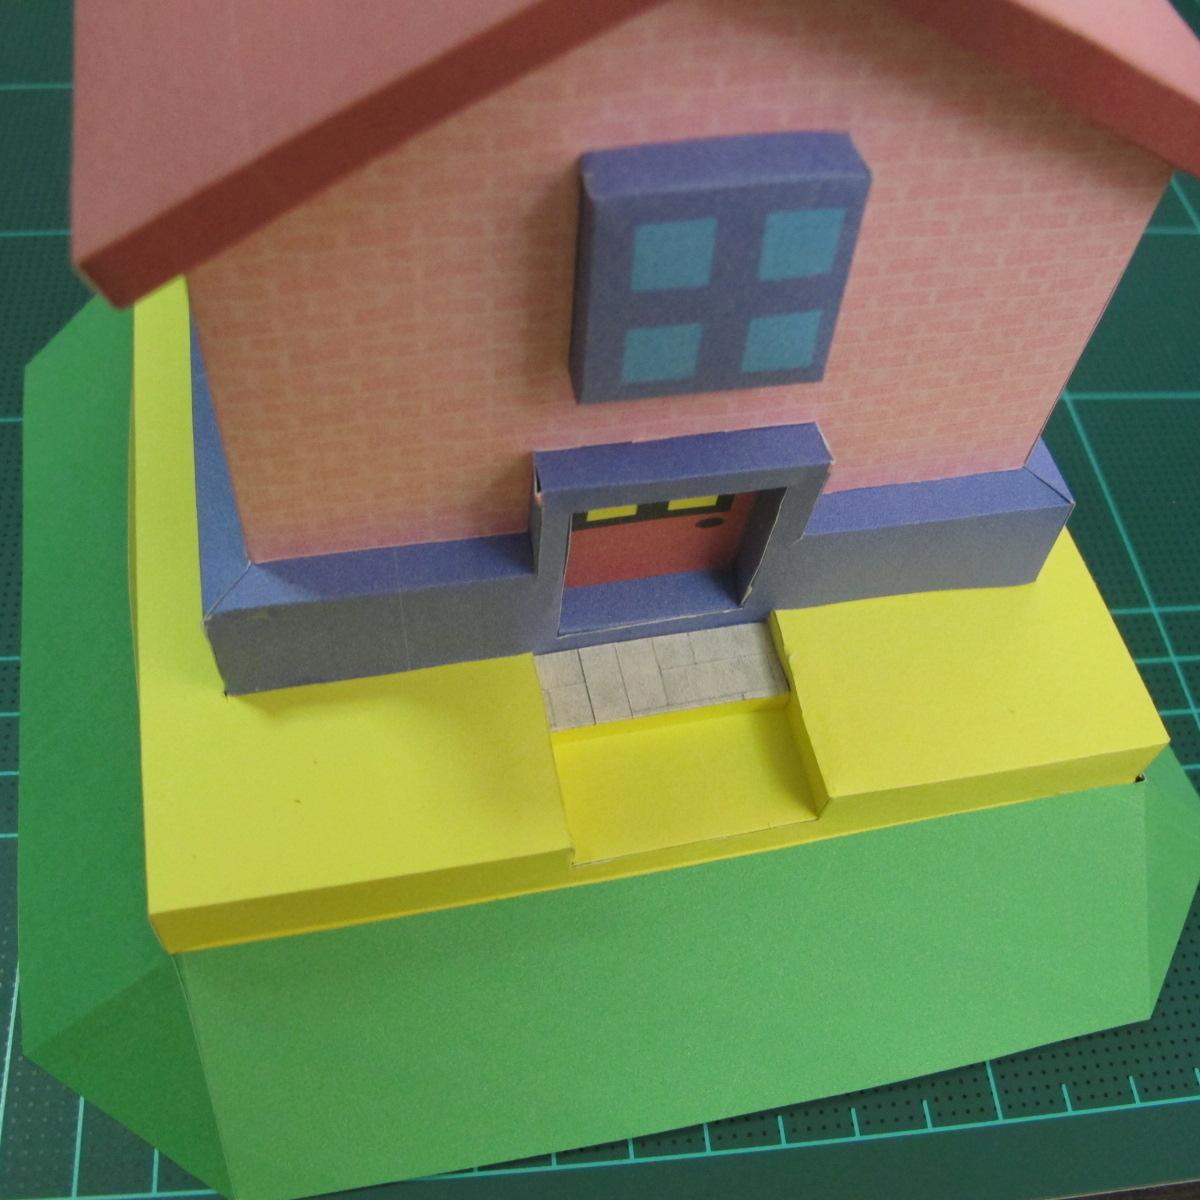 วิธีทำโมเดลกระดาษเป็นรูปบ้าน (Little House Papercraft Model) 016